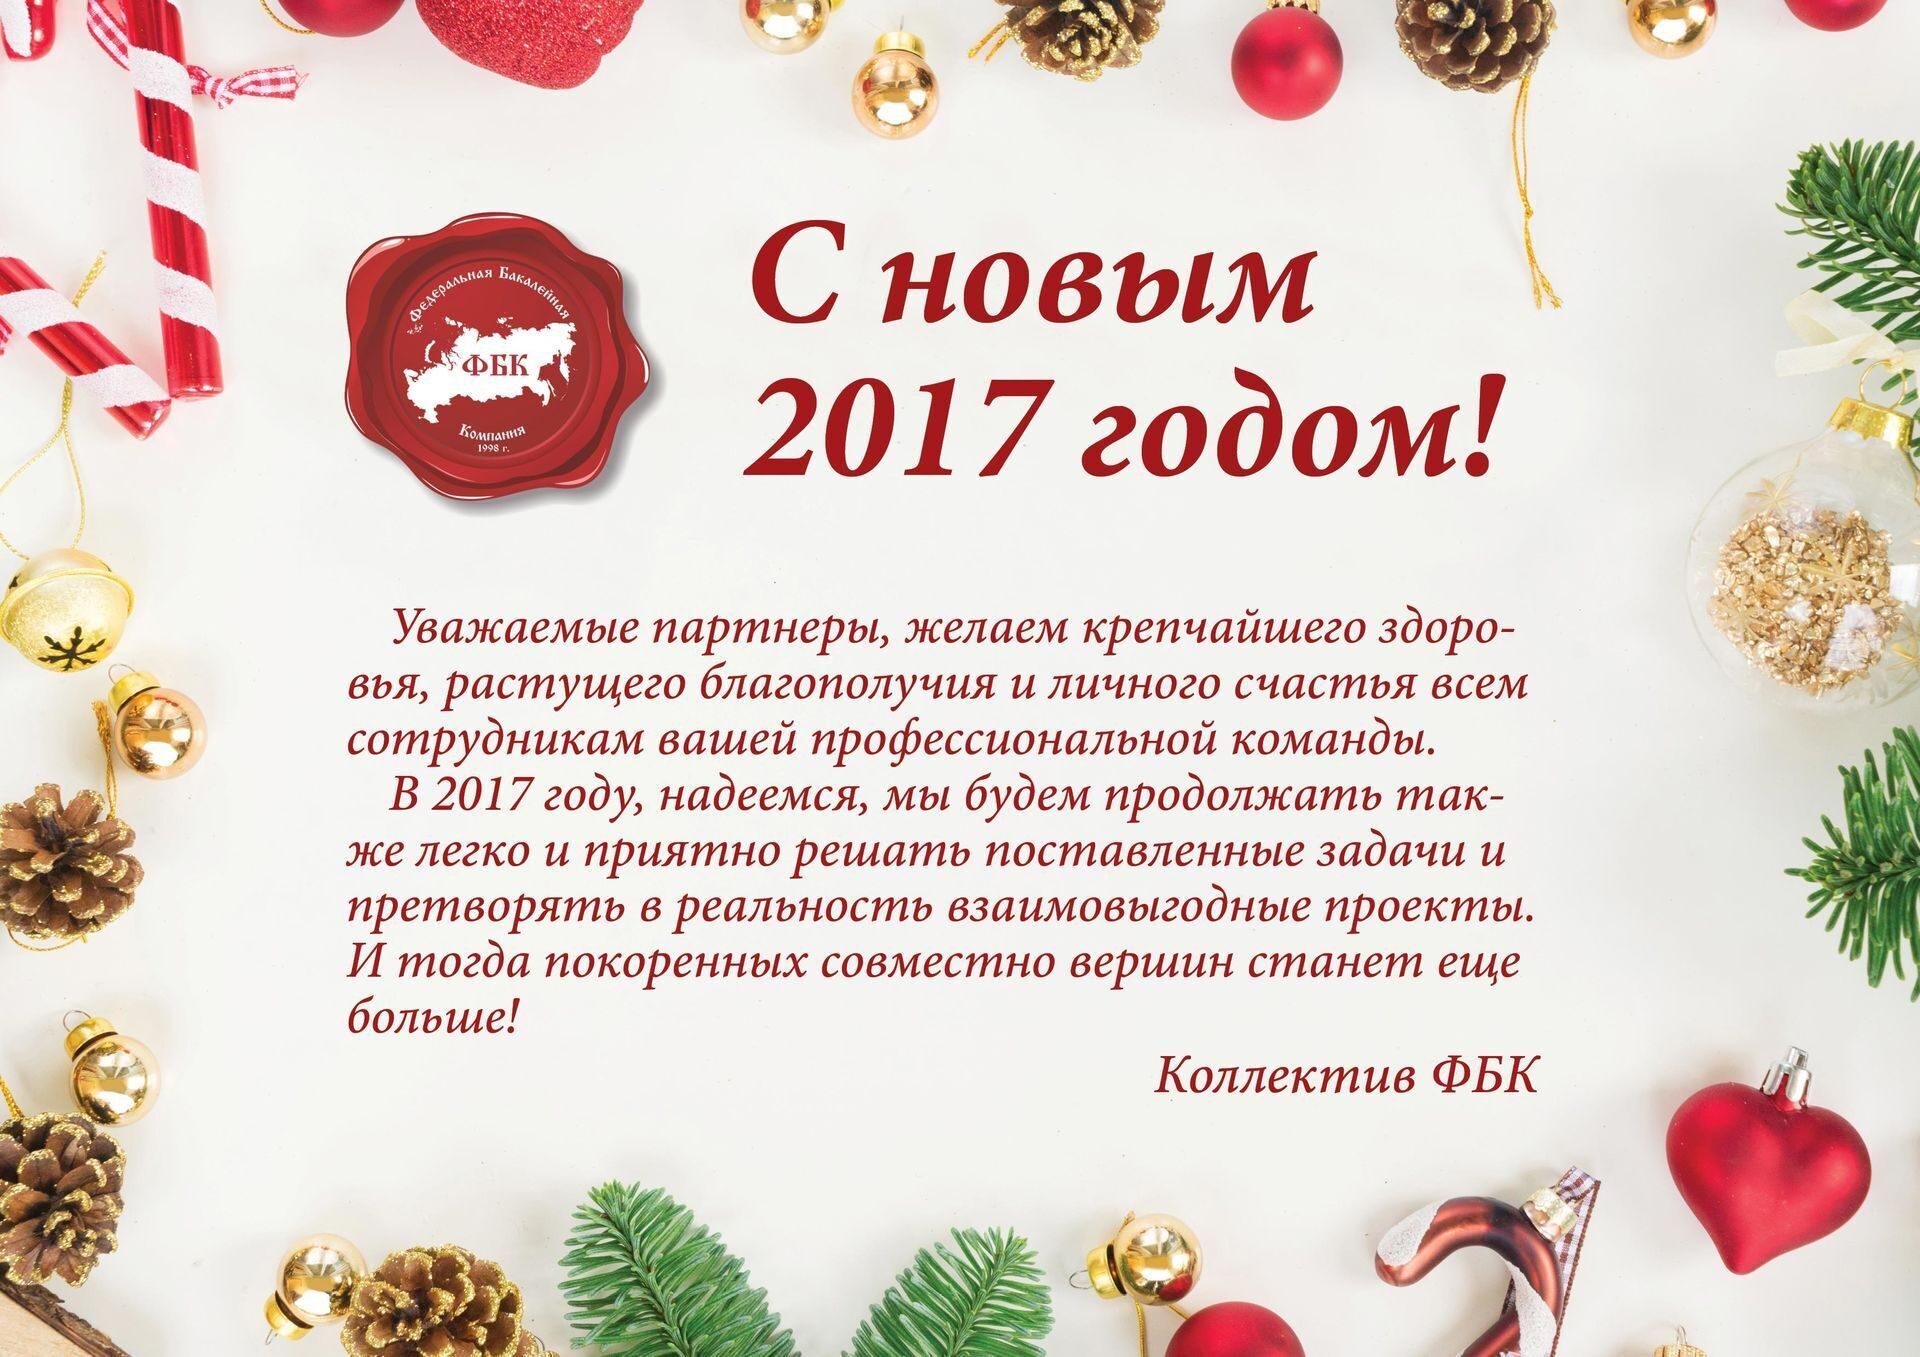 Уважаемые с новым 2017 годом